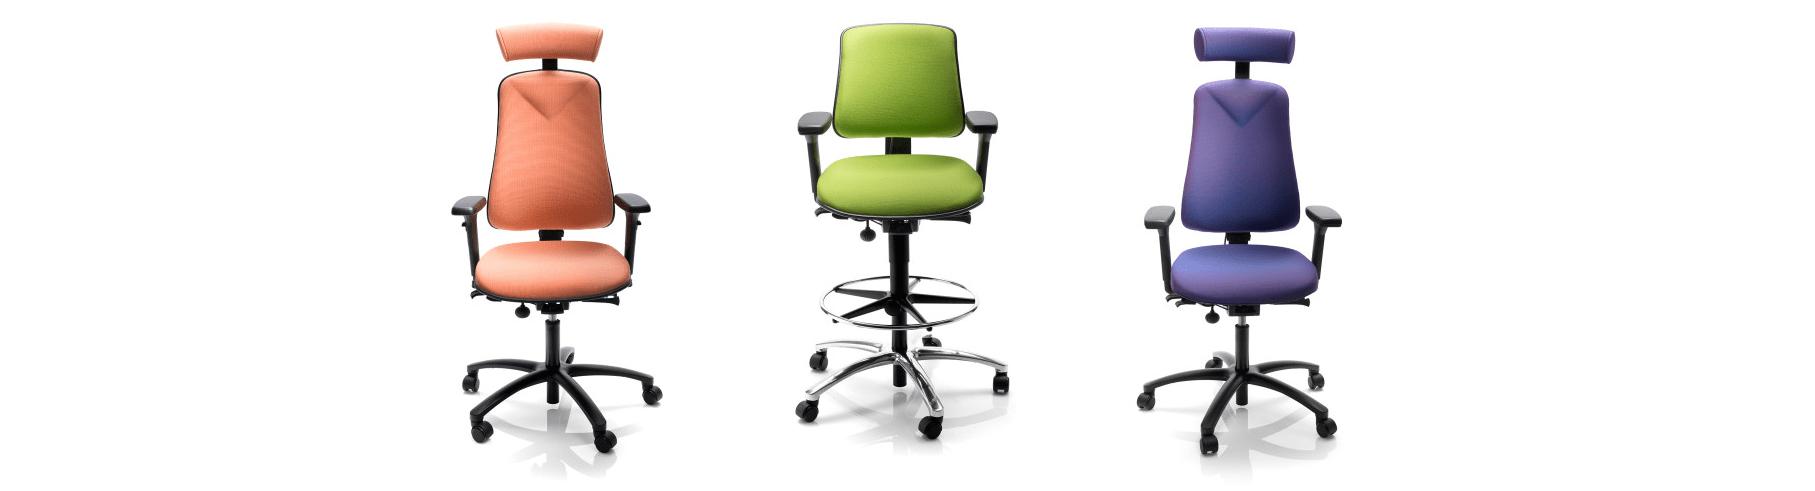 Bureaustoel met of zonder armleuningen